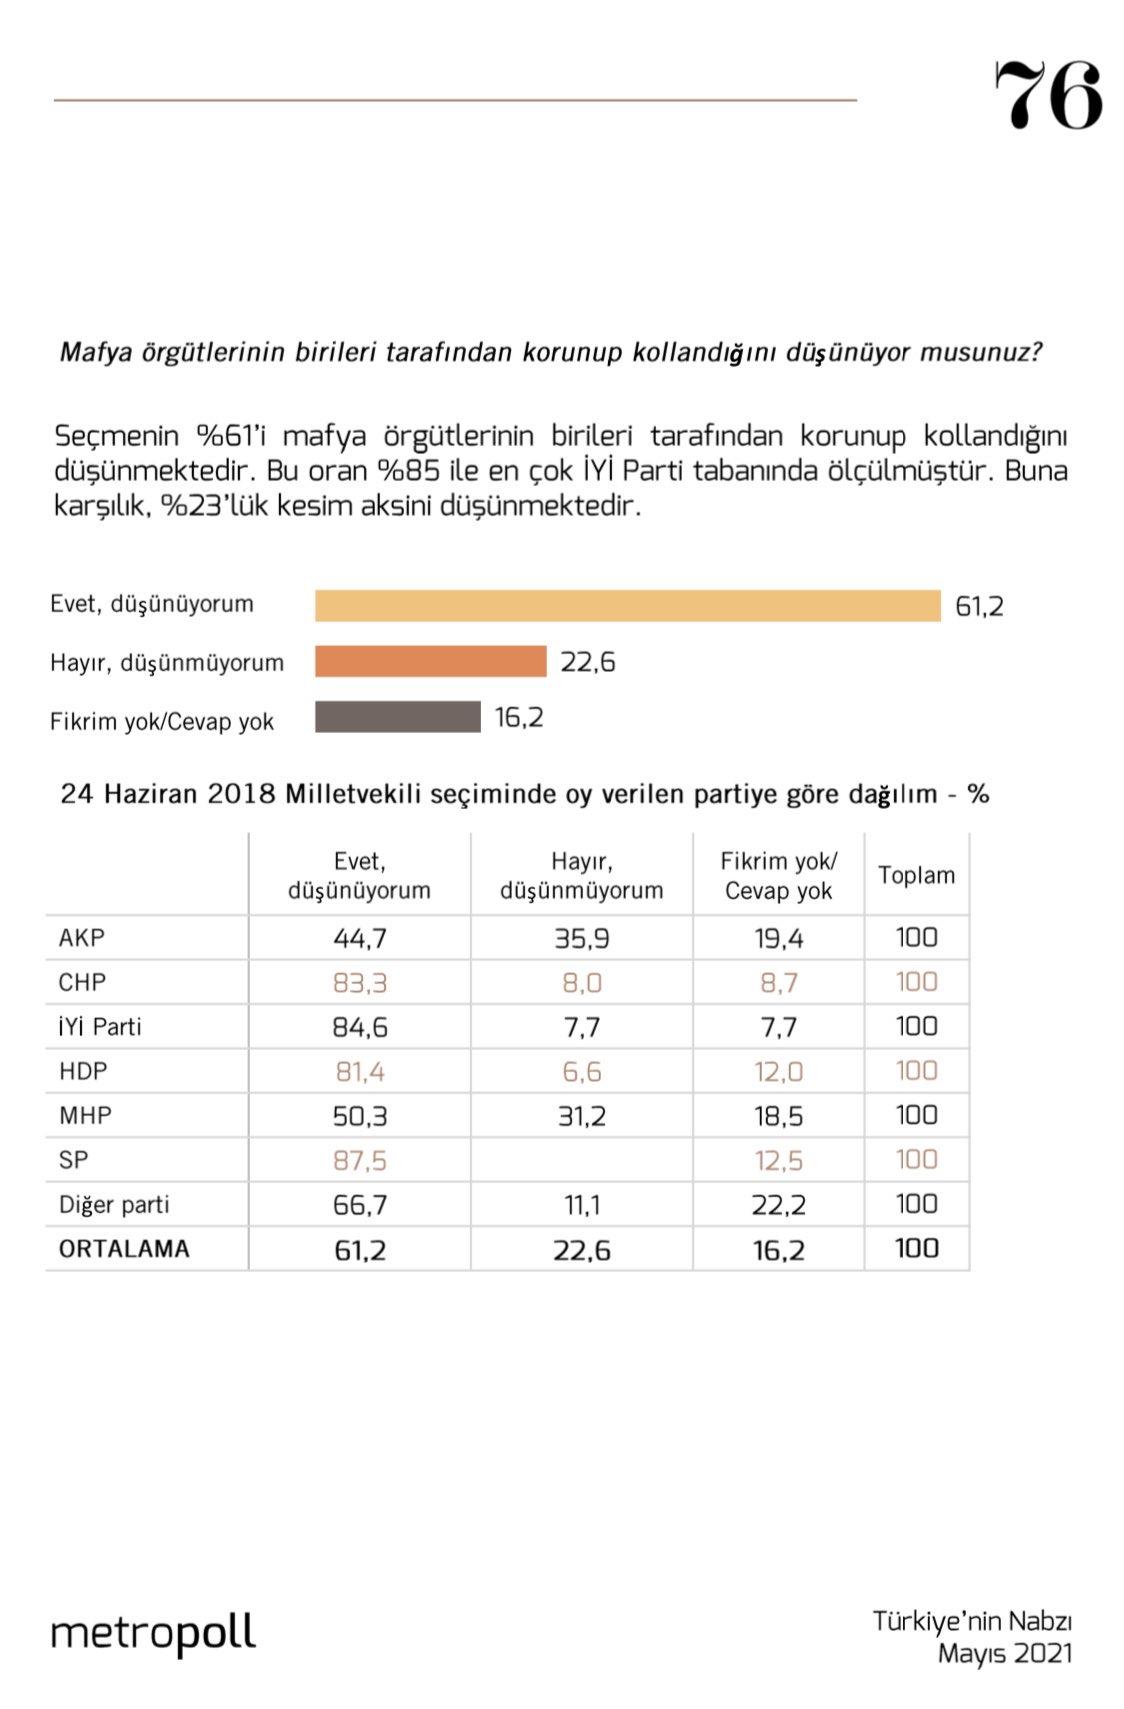 <p>AKP seçmeninin ise yüzde 44,7'si mafya örgütlerinin birileri tarafından korunup kollandığını söyledi.</p>